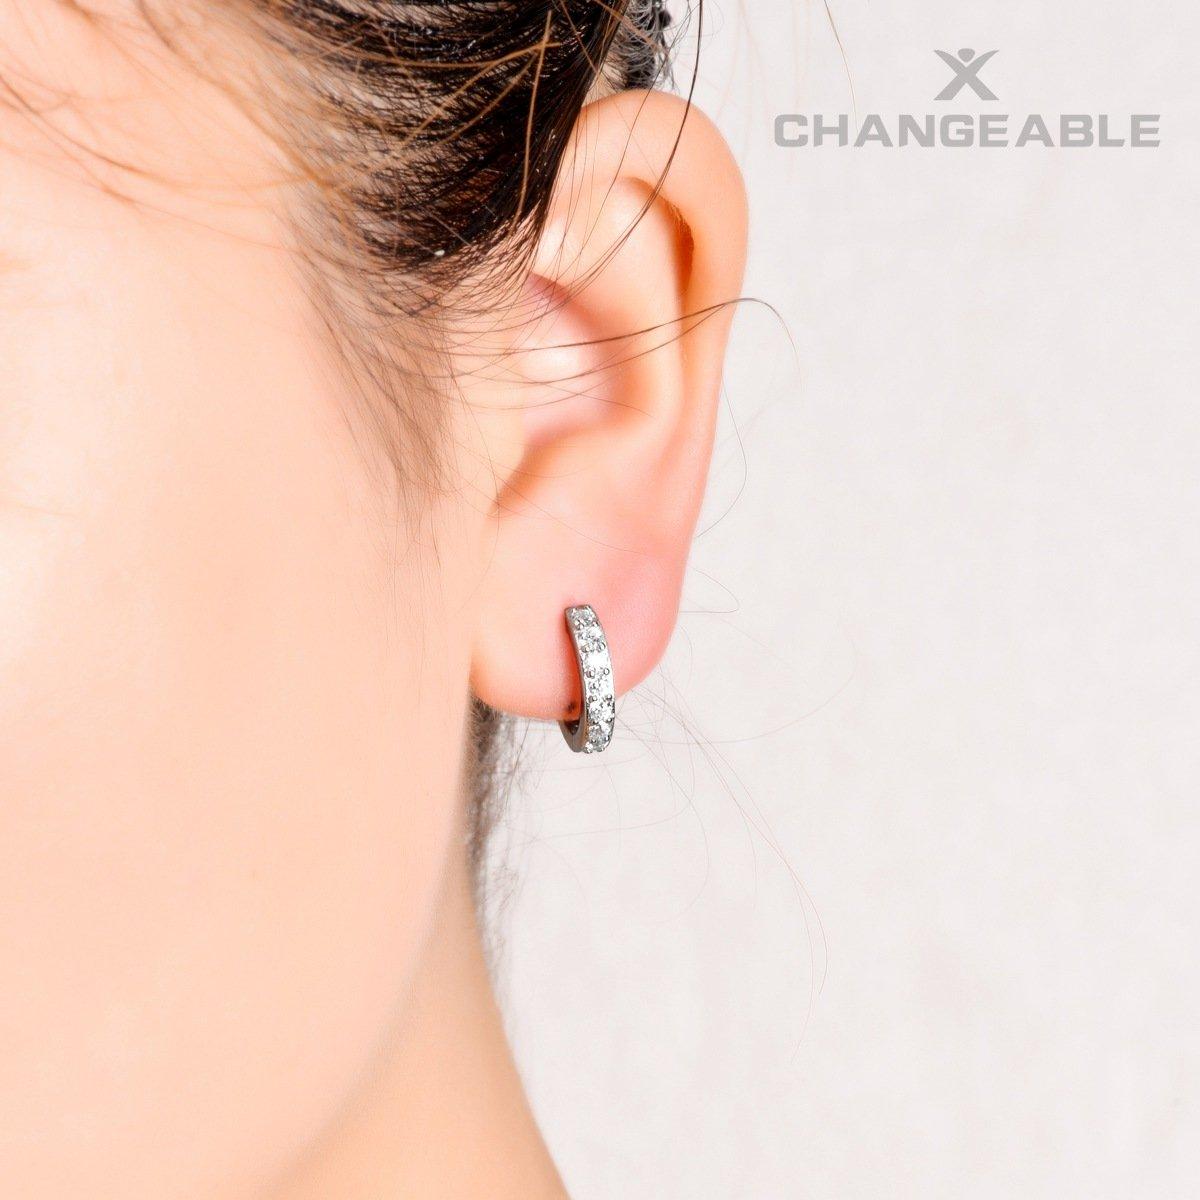 Pendentif et boucles doreilles en argent sterling 925 en cristal pour femme par CHANGEABLE